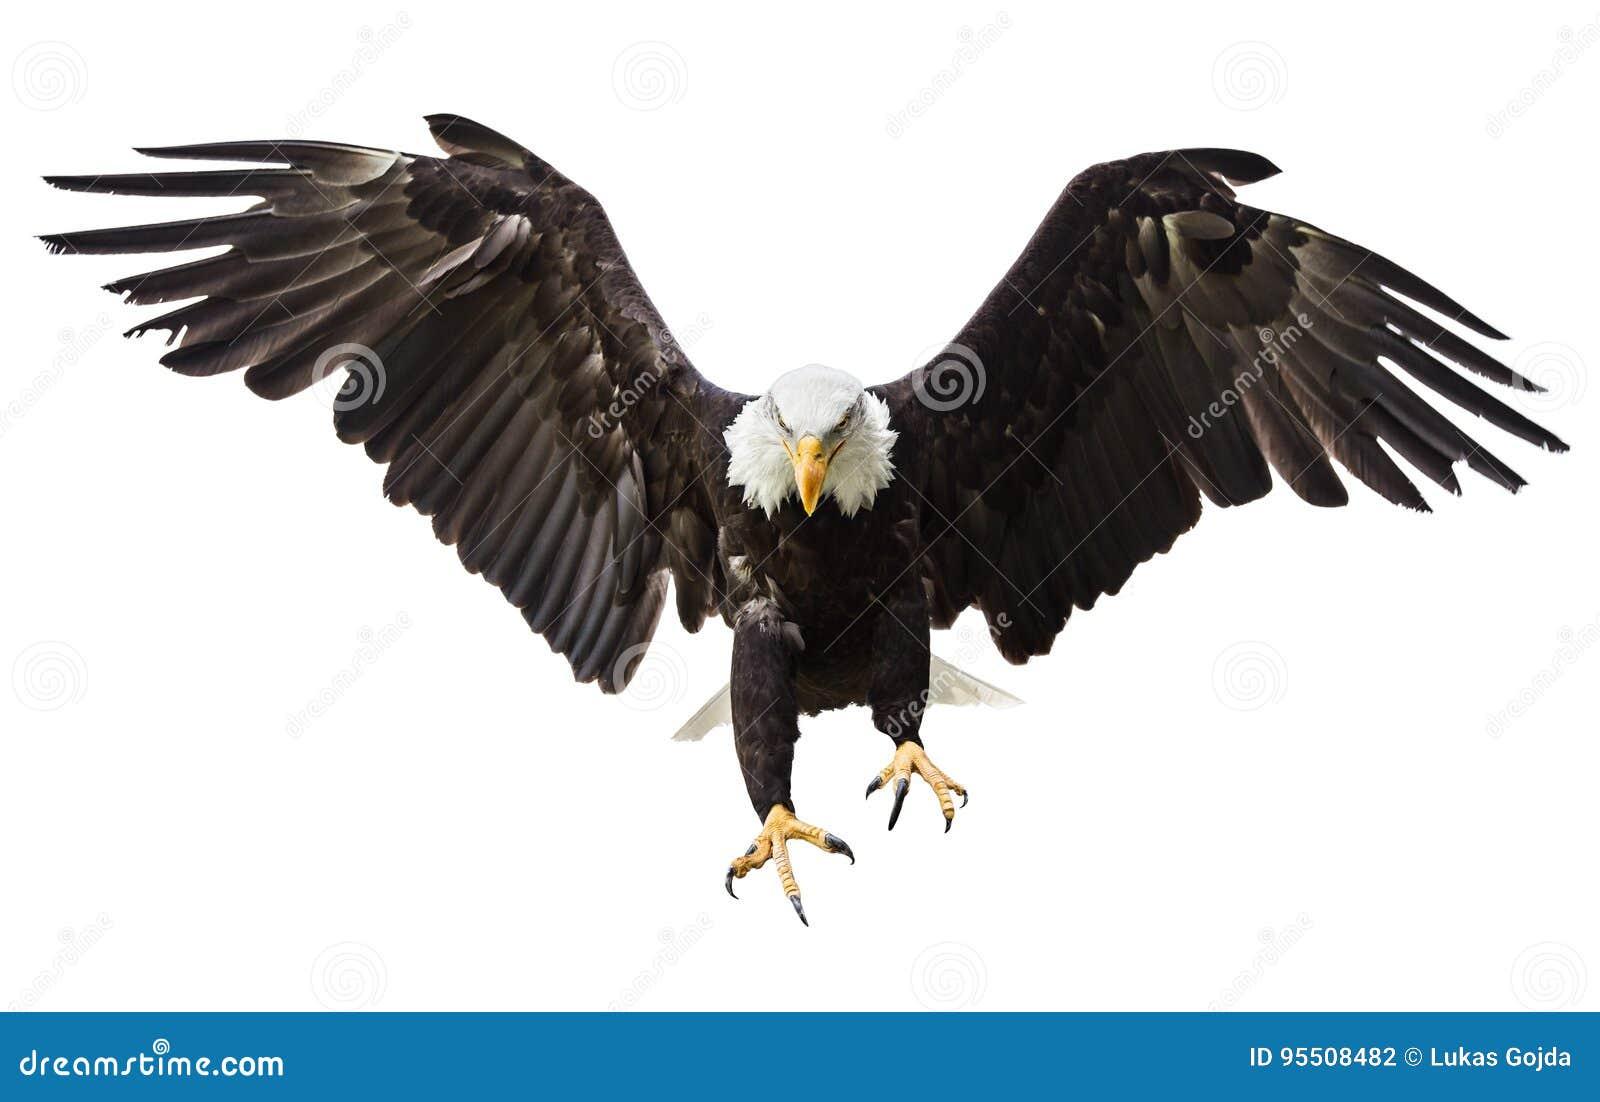 Voo da águia americana com bandeira americana